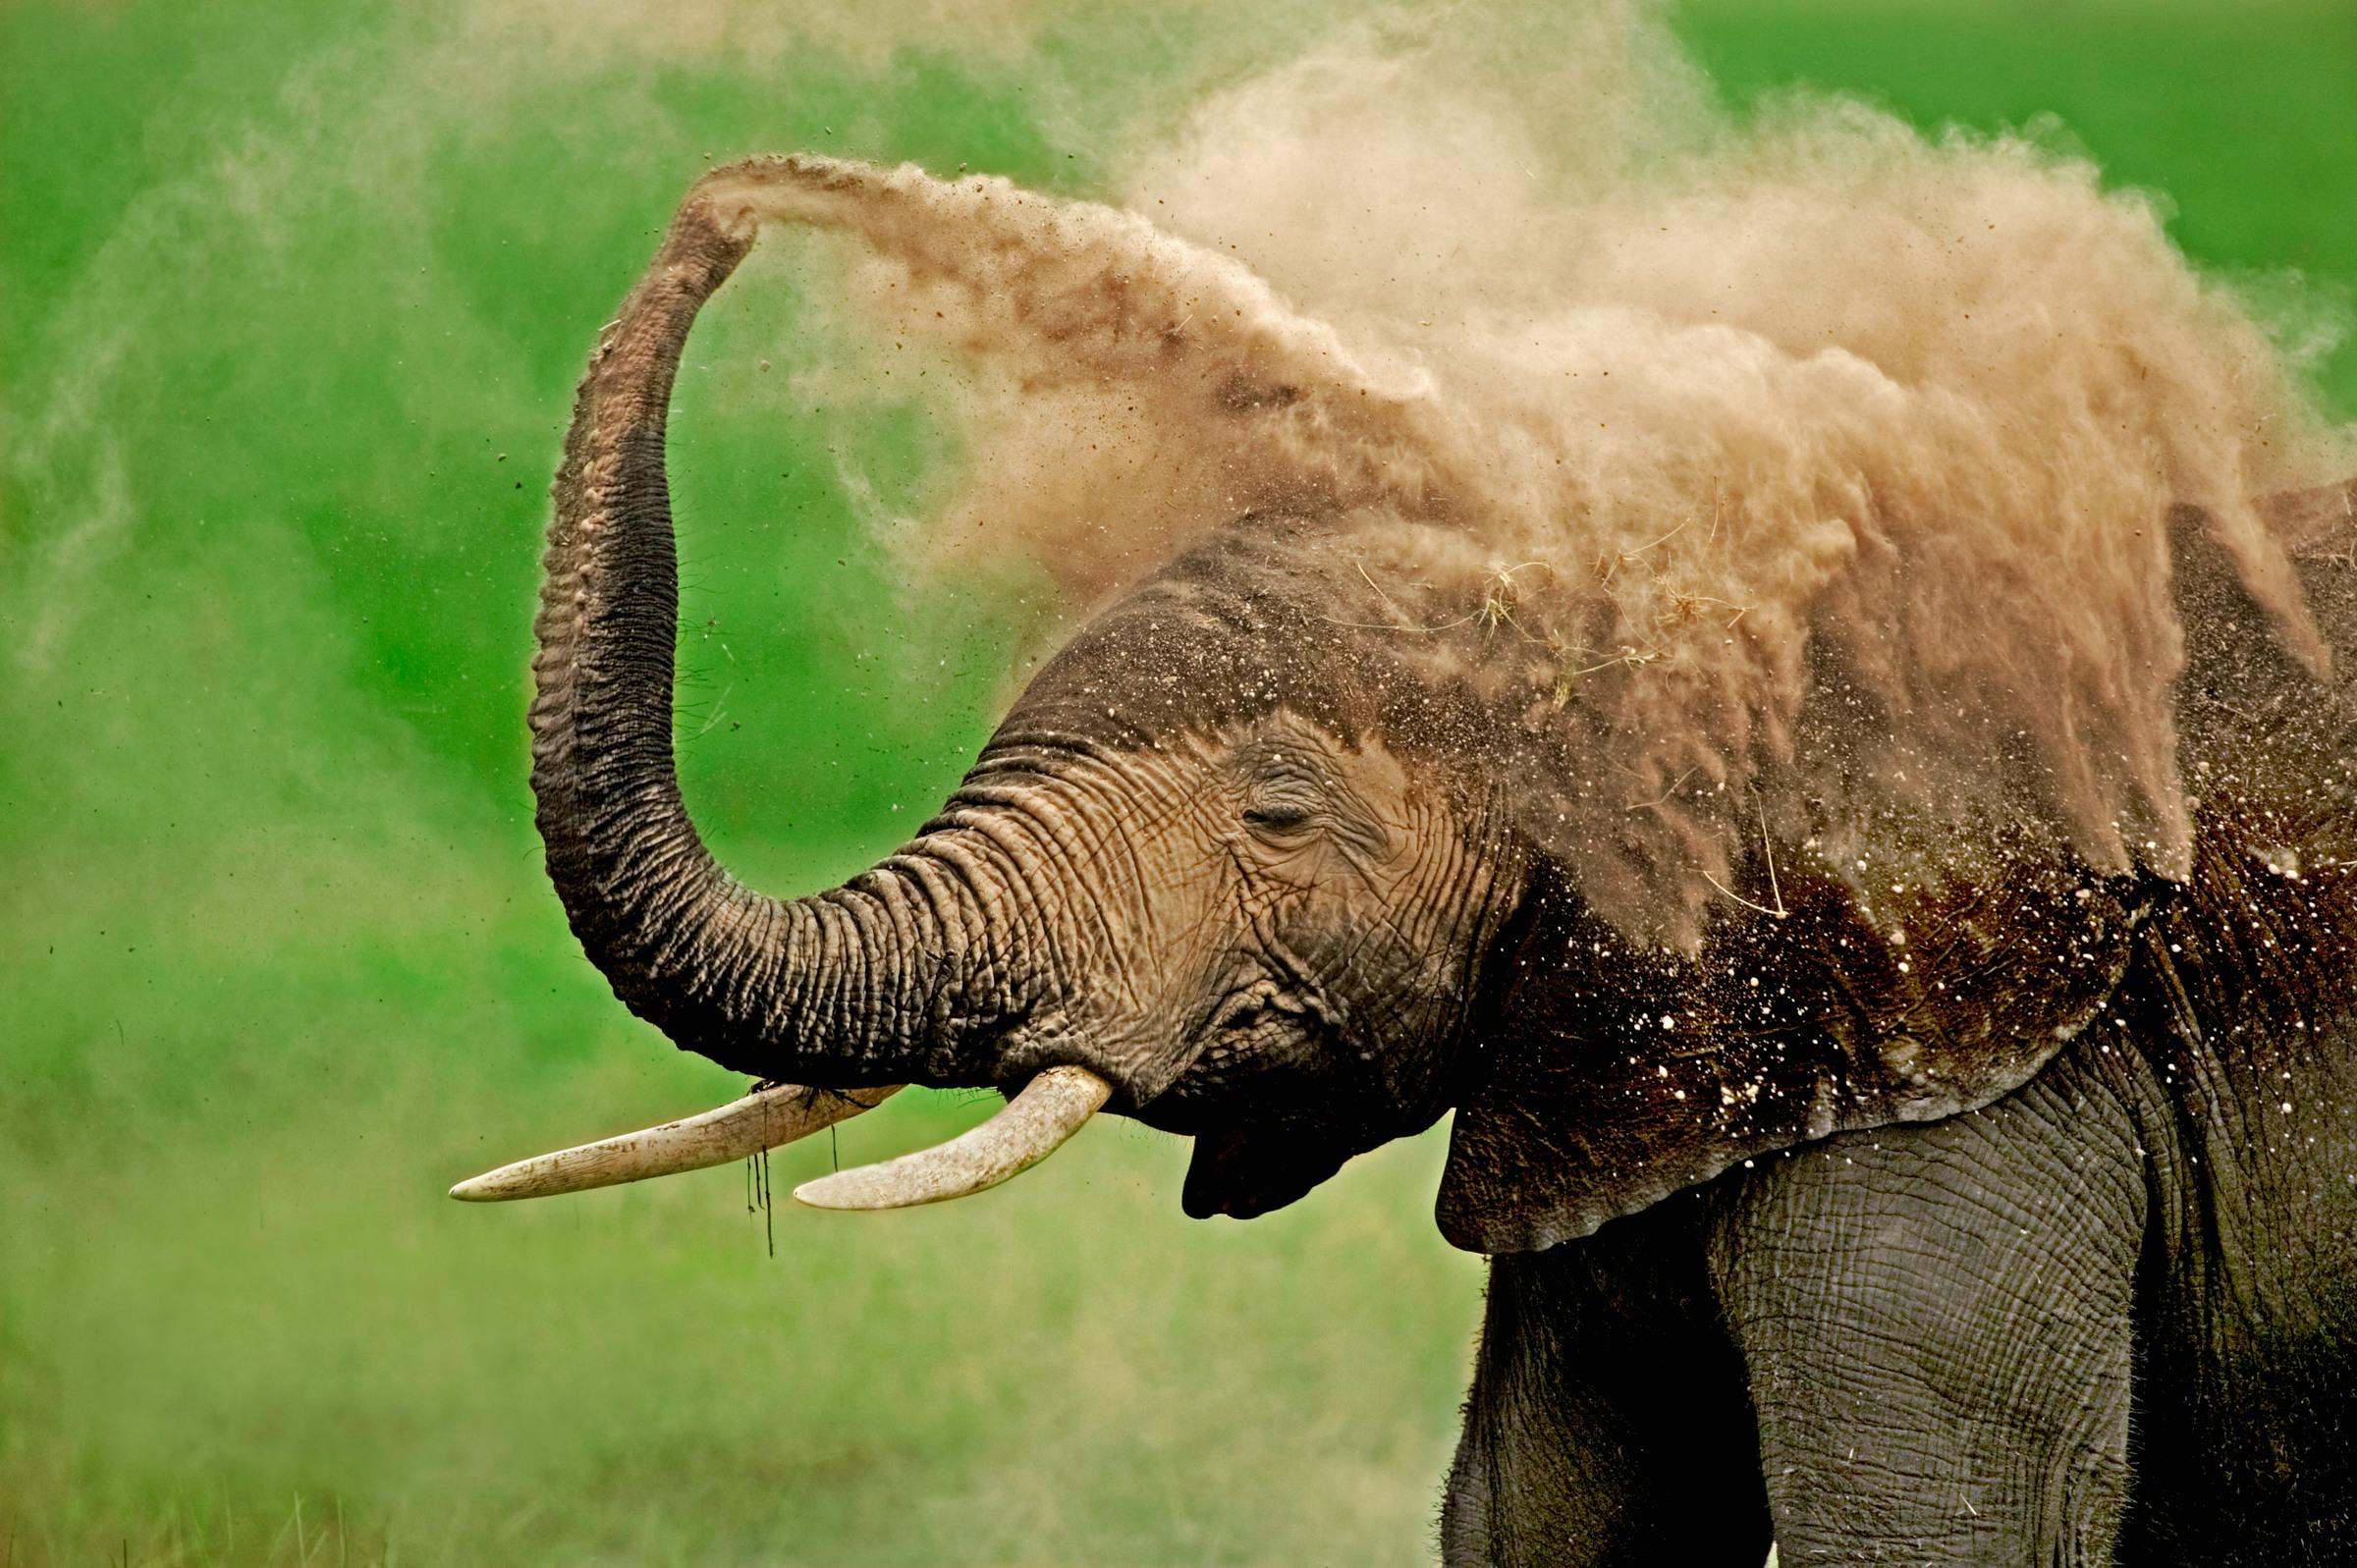 Afrikanischer Elefant bei einem Staubbad